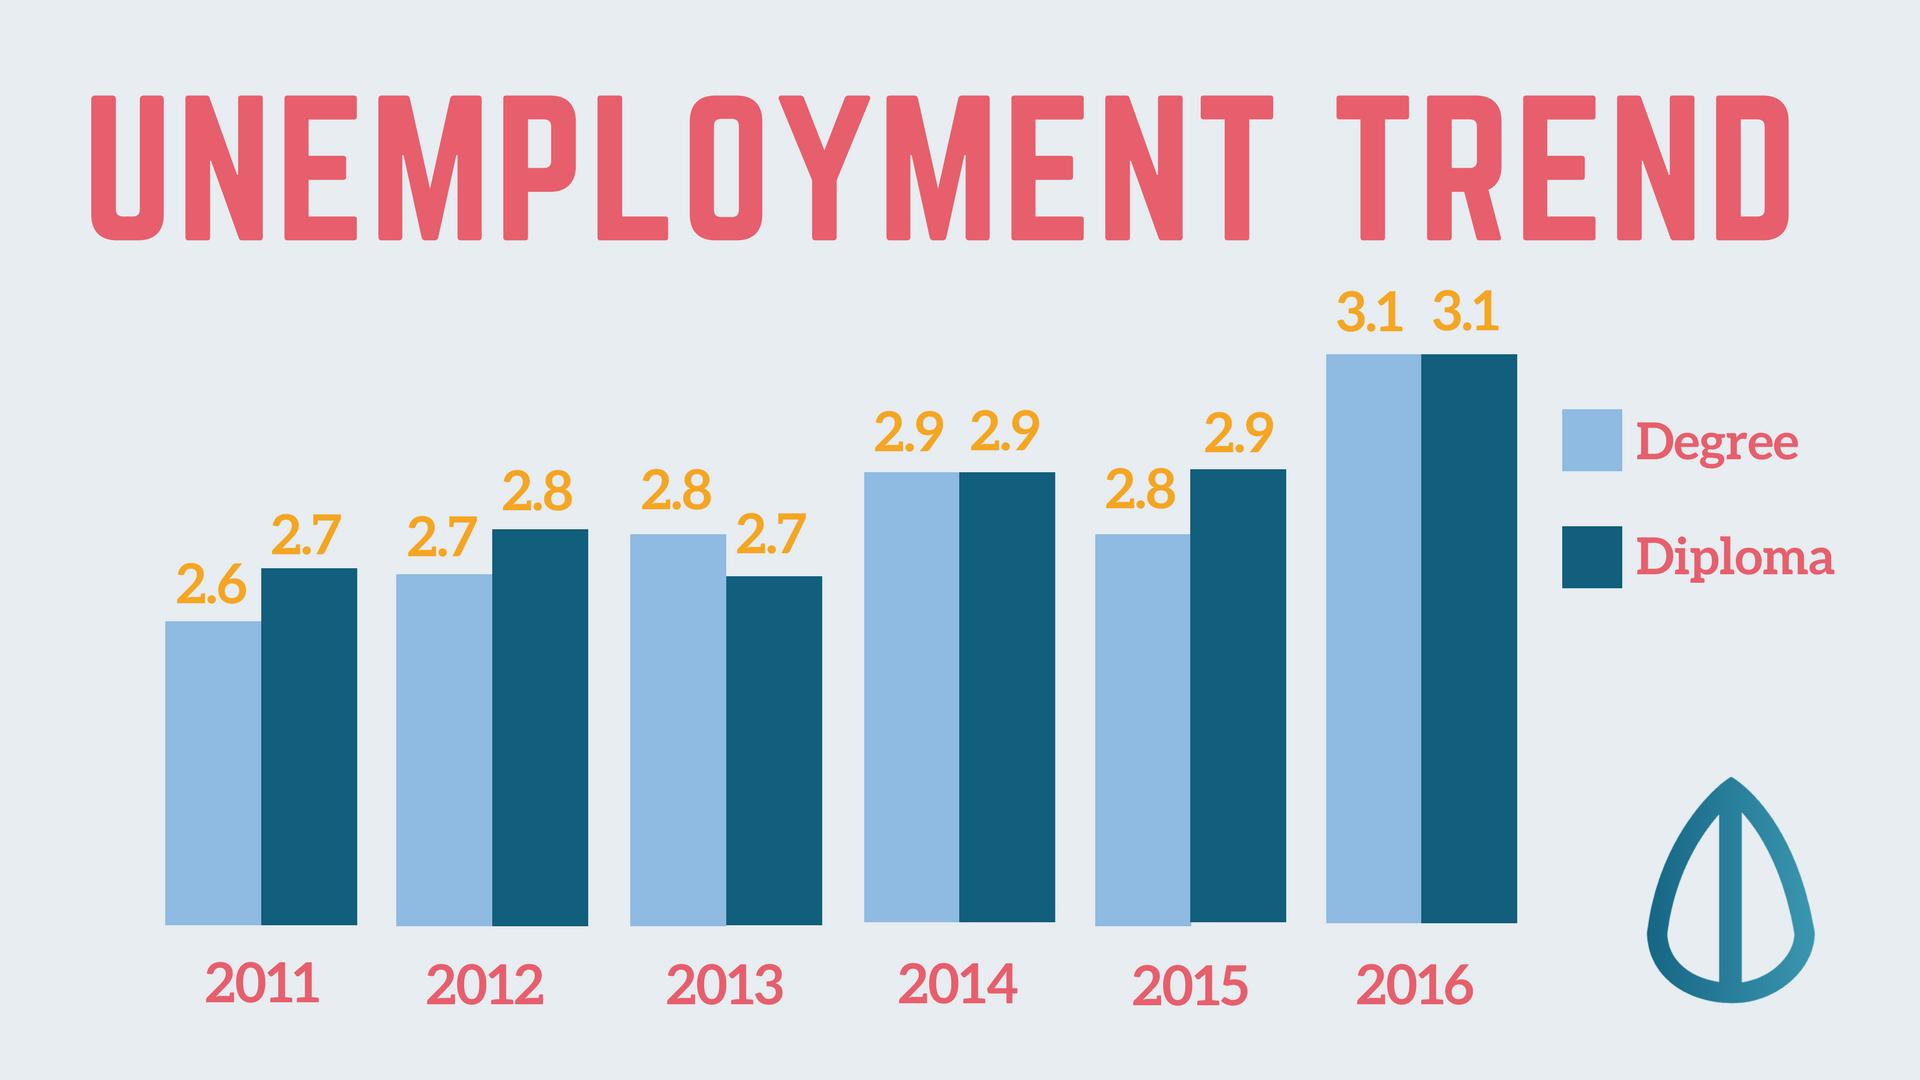 degree unemployment trend 2011-2016